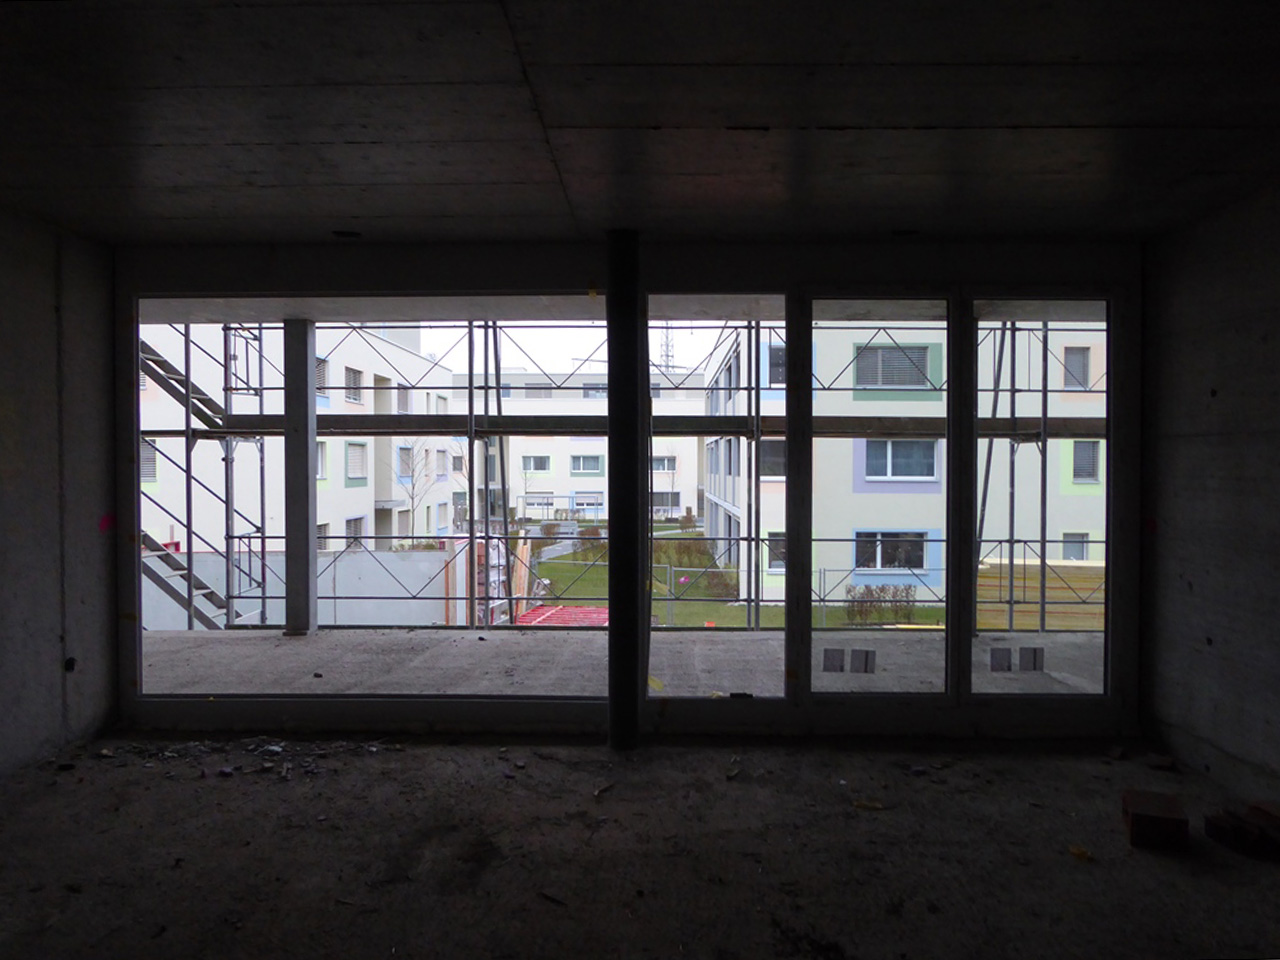 laubhus-immobilien-architektur-sunnehof-haus-d